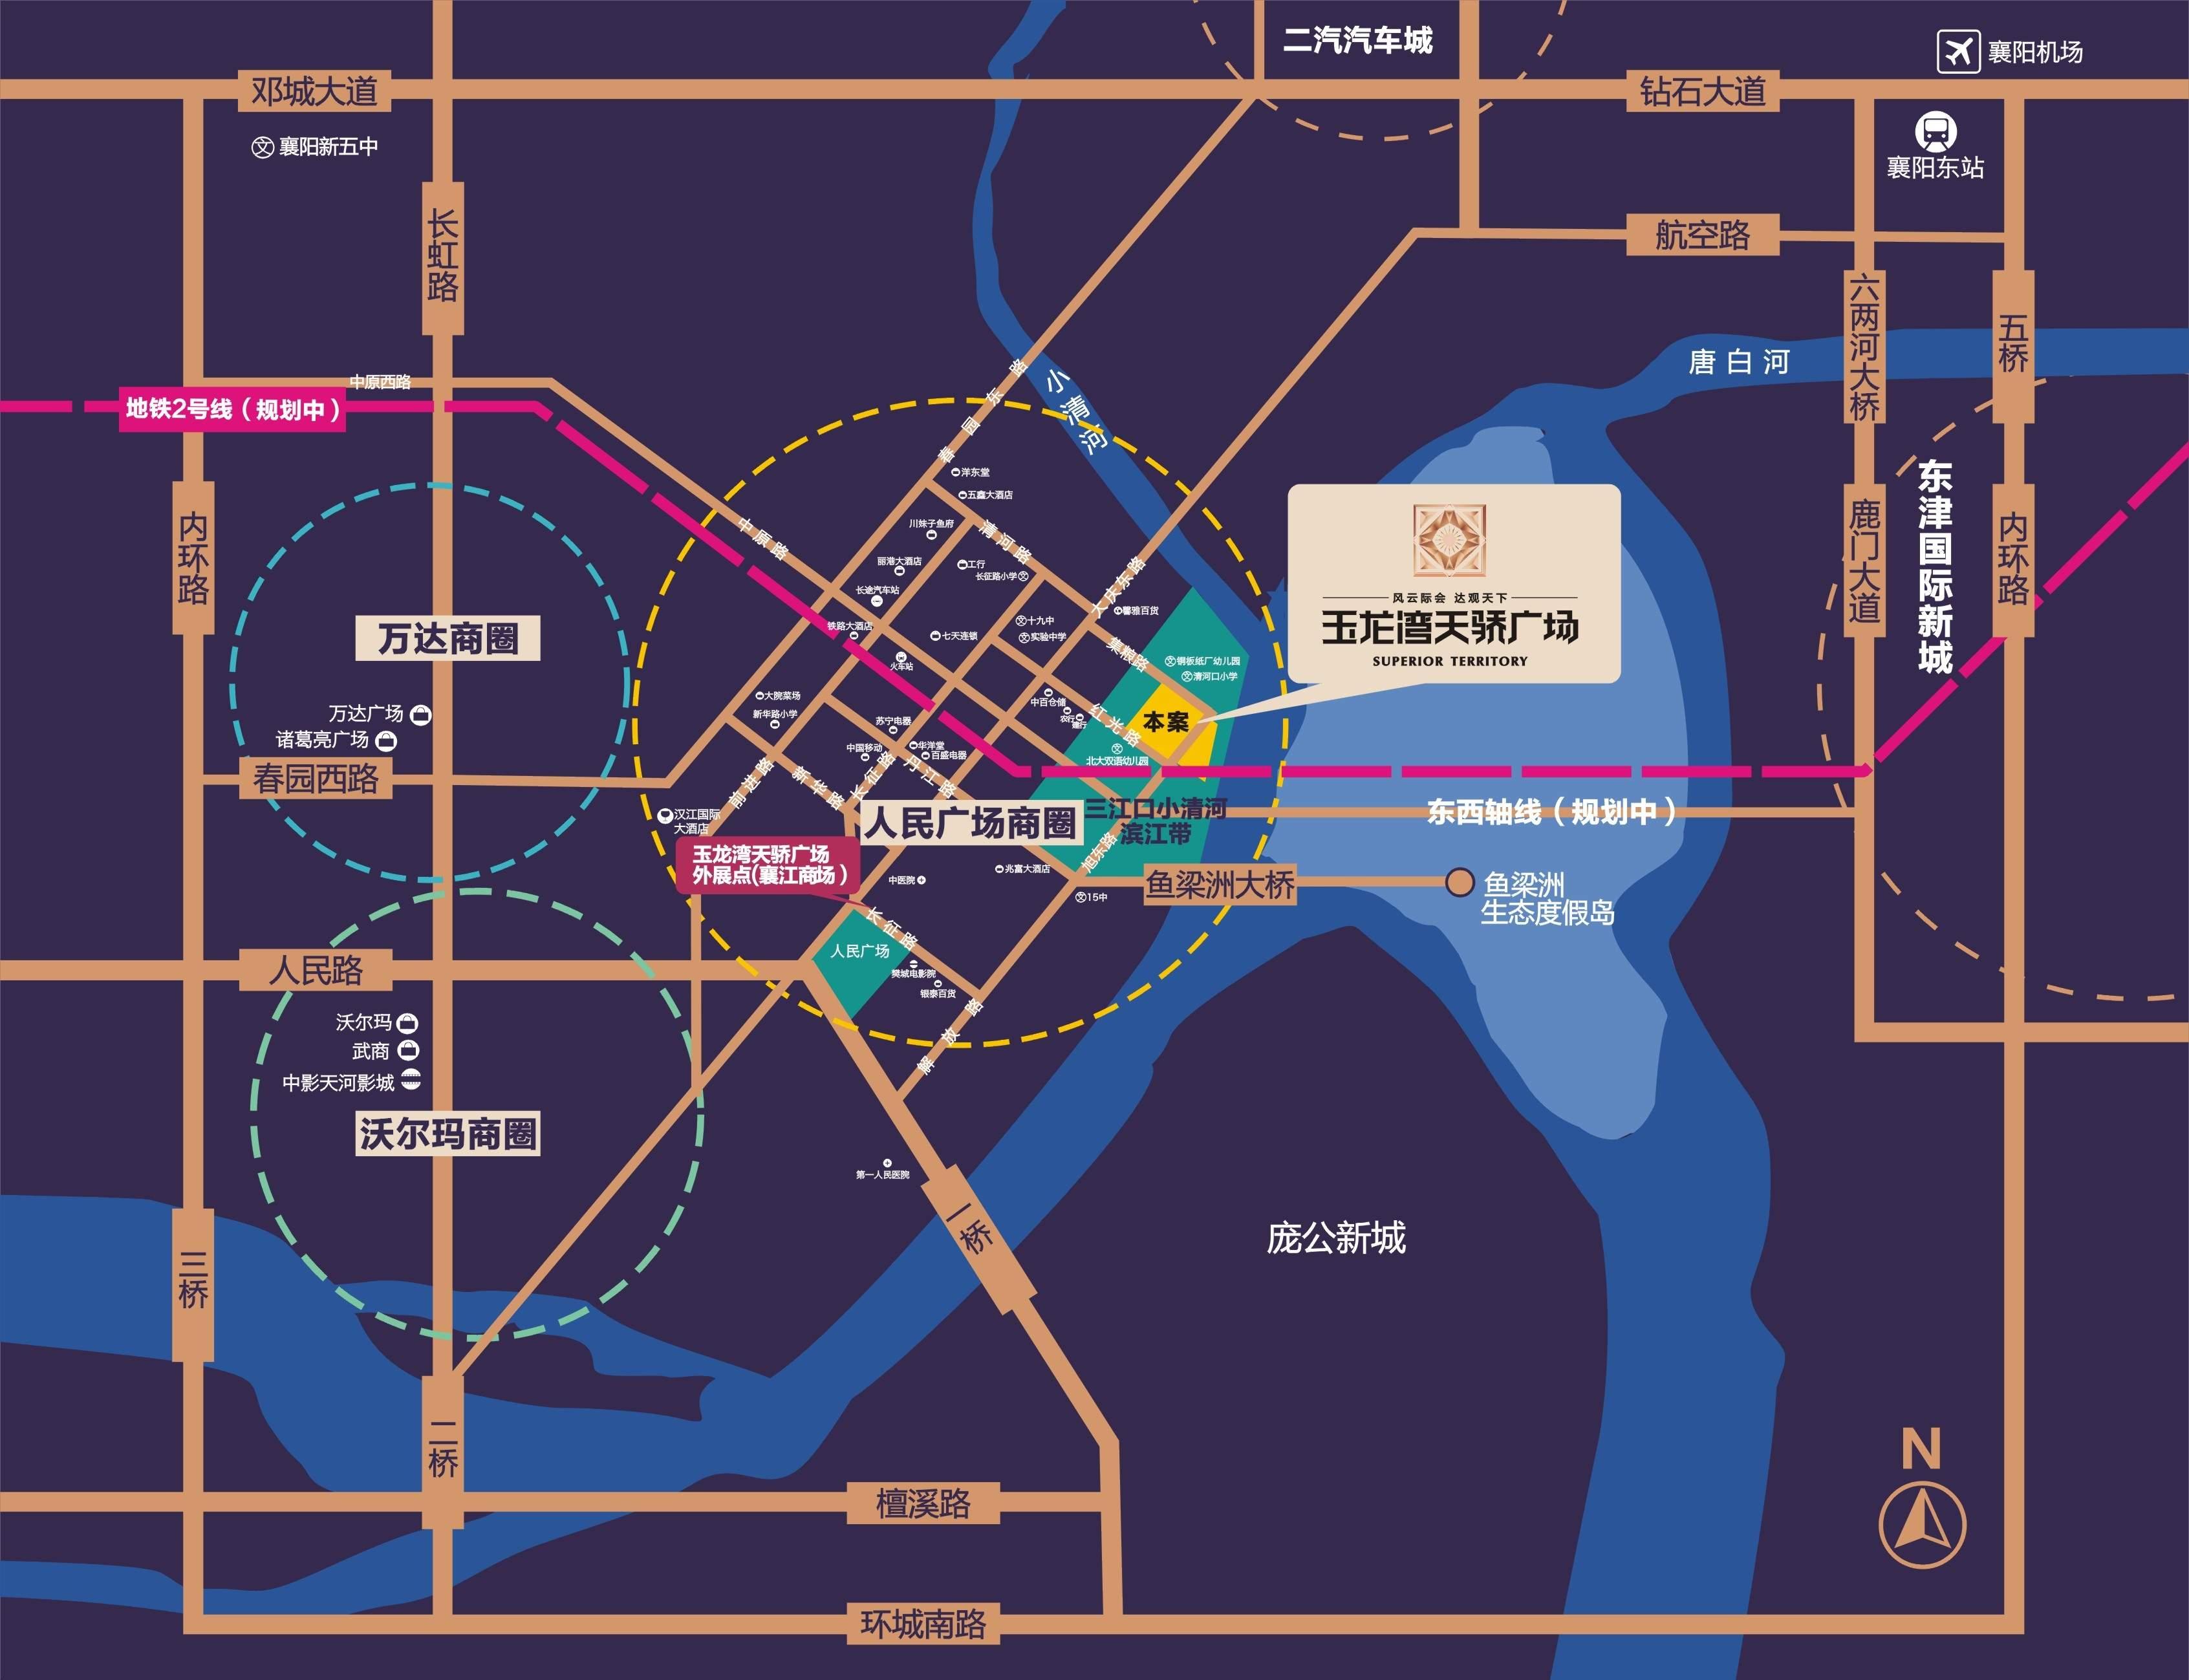 玉龙湾天骄广场位置图